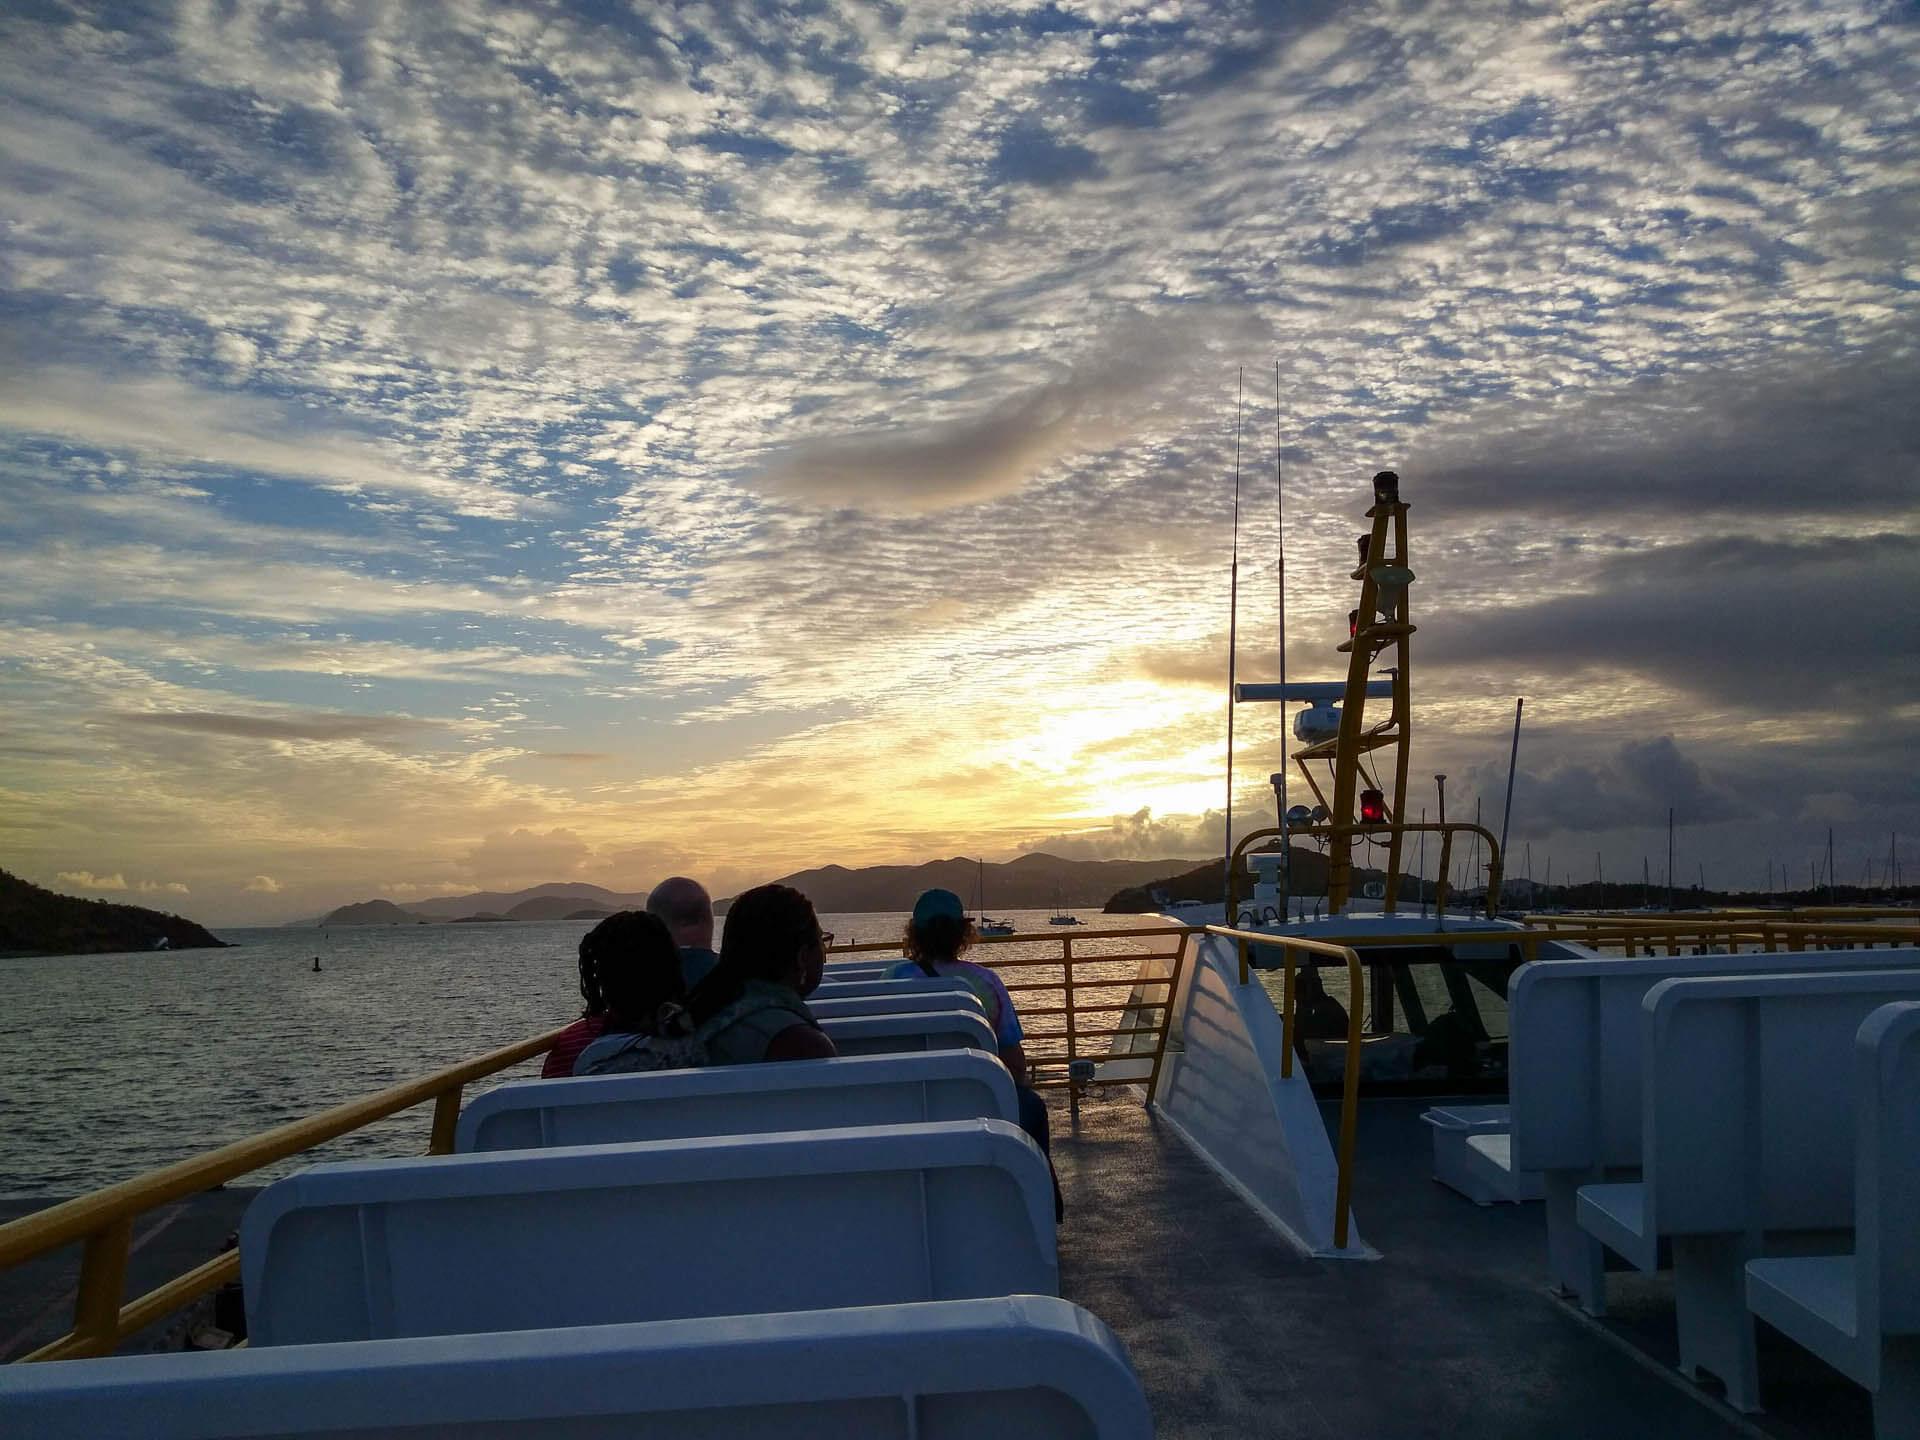 Virgin Islands ferry view